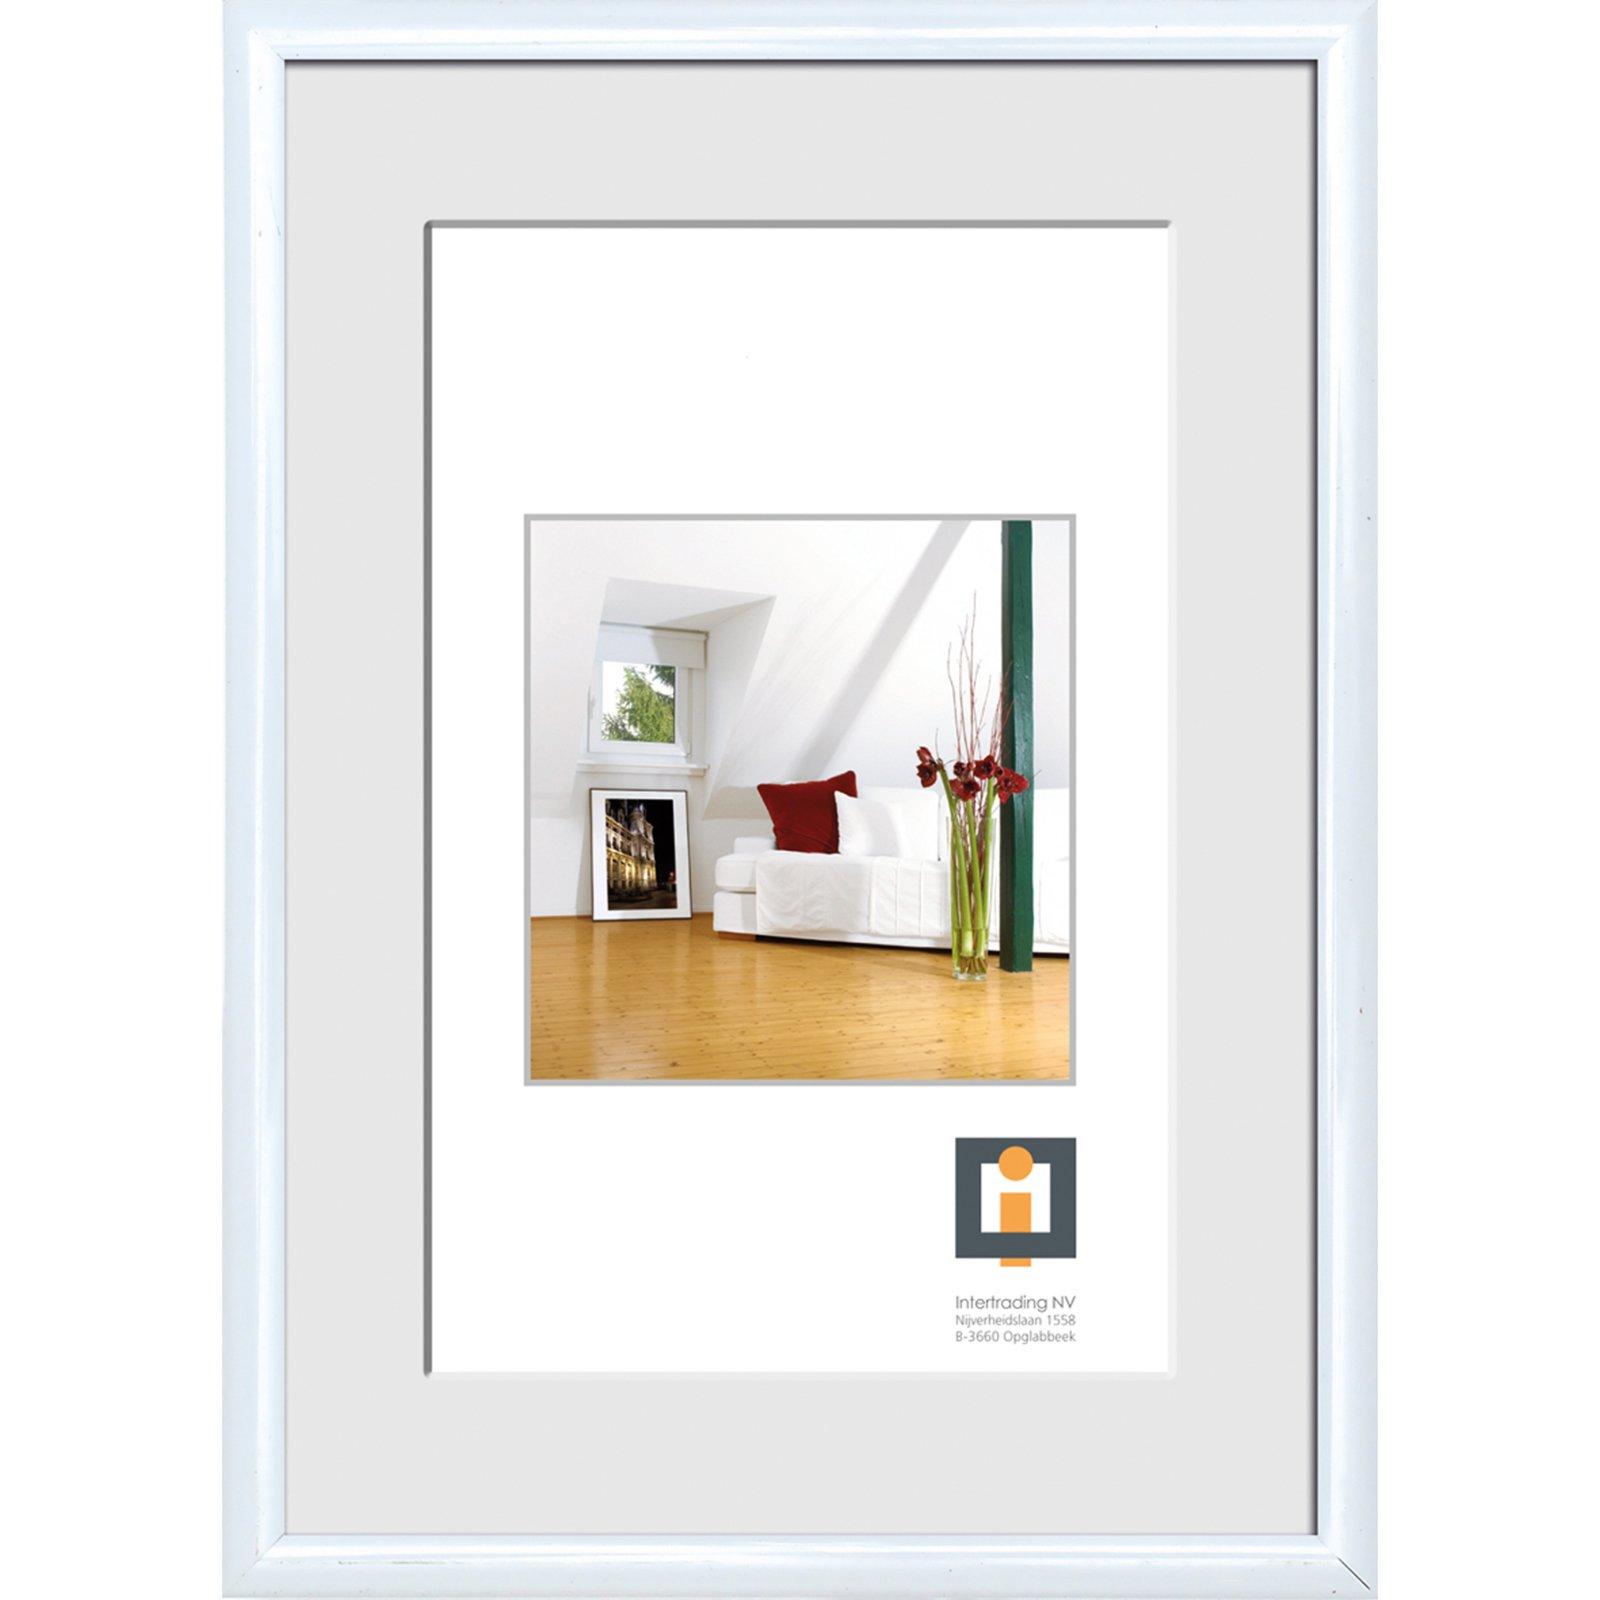 bilderrahmen wei kunststoff 30x40 cm bilderrahmen deko wohnaccessoires wohnzimmer. Black Bedroom Furniture Sets. Home Design Ideas